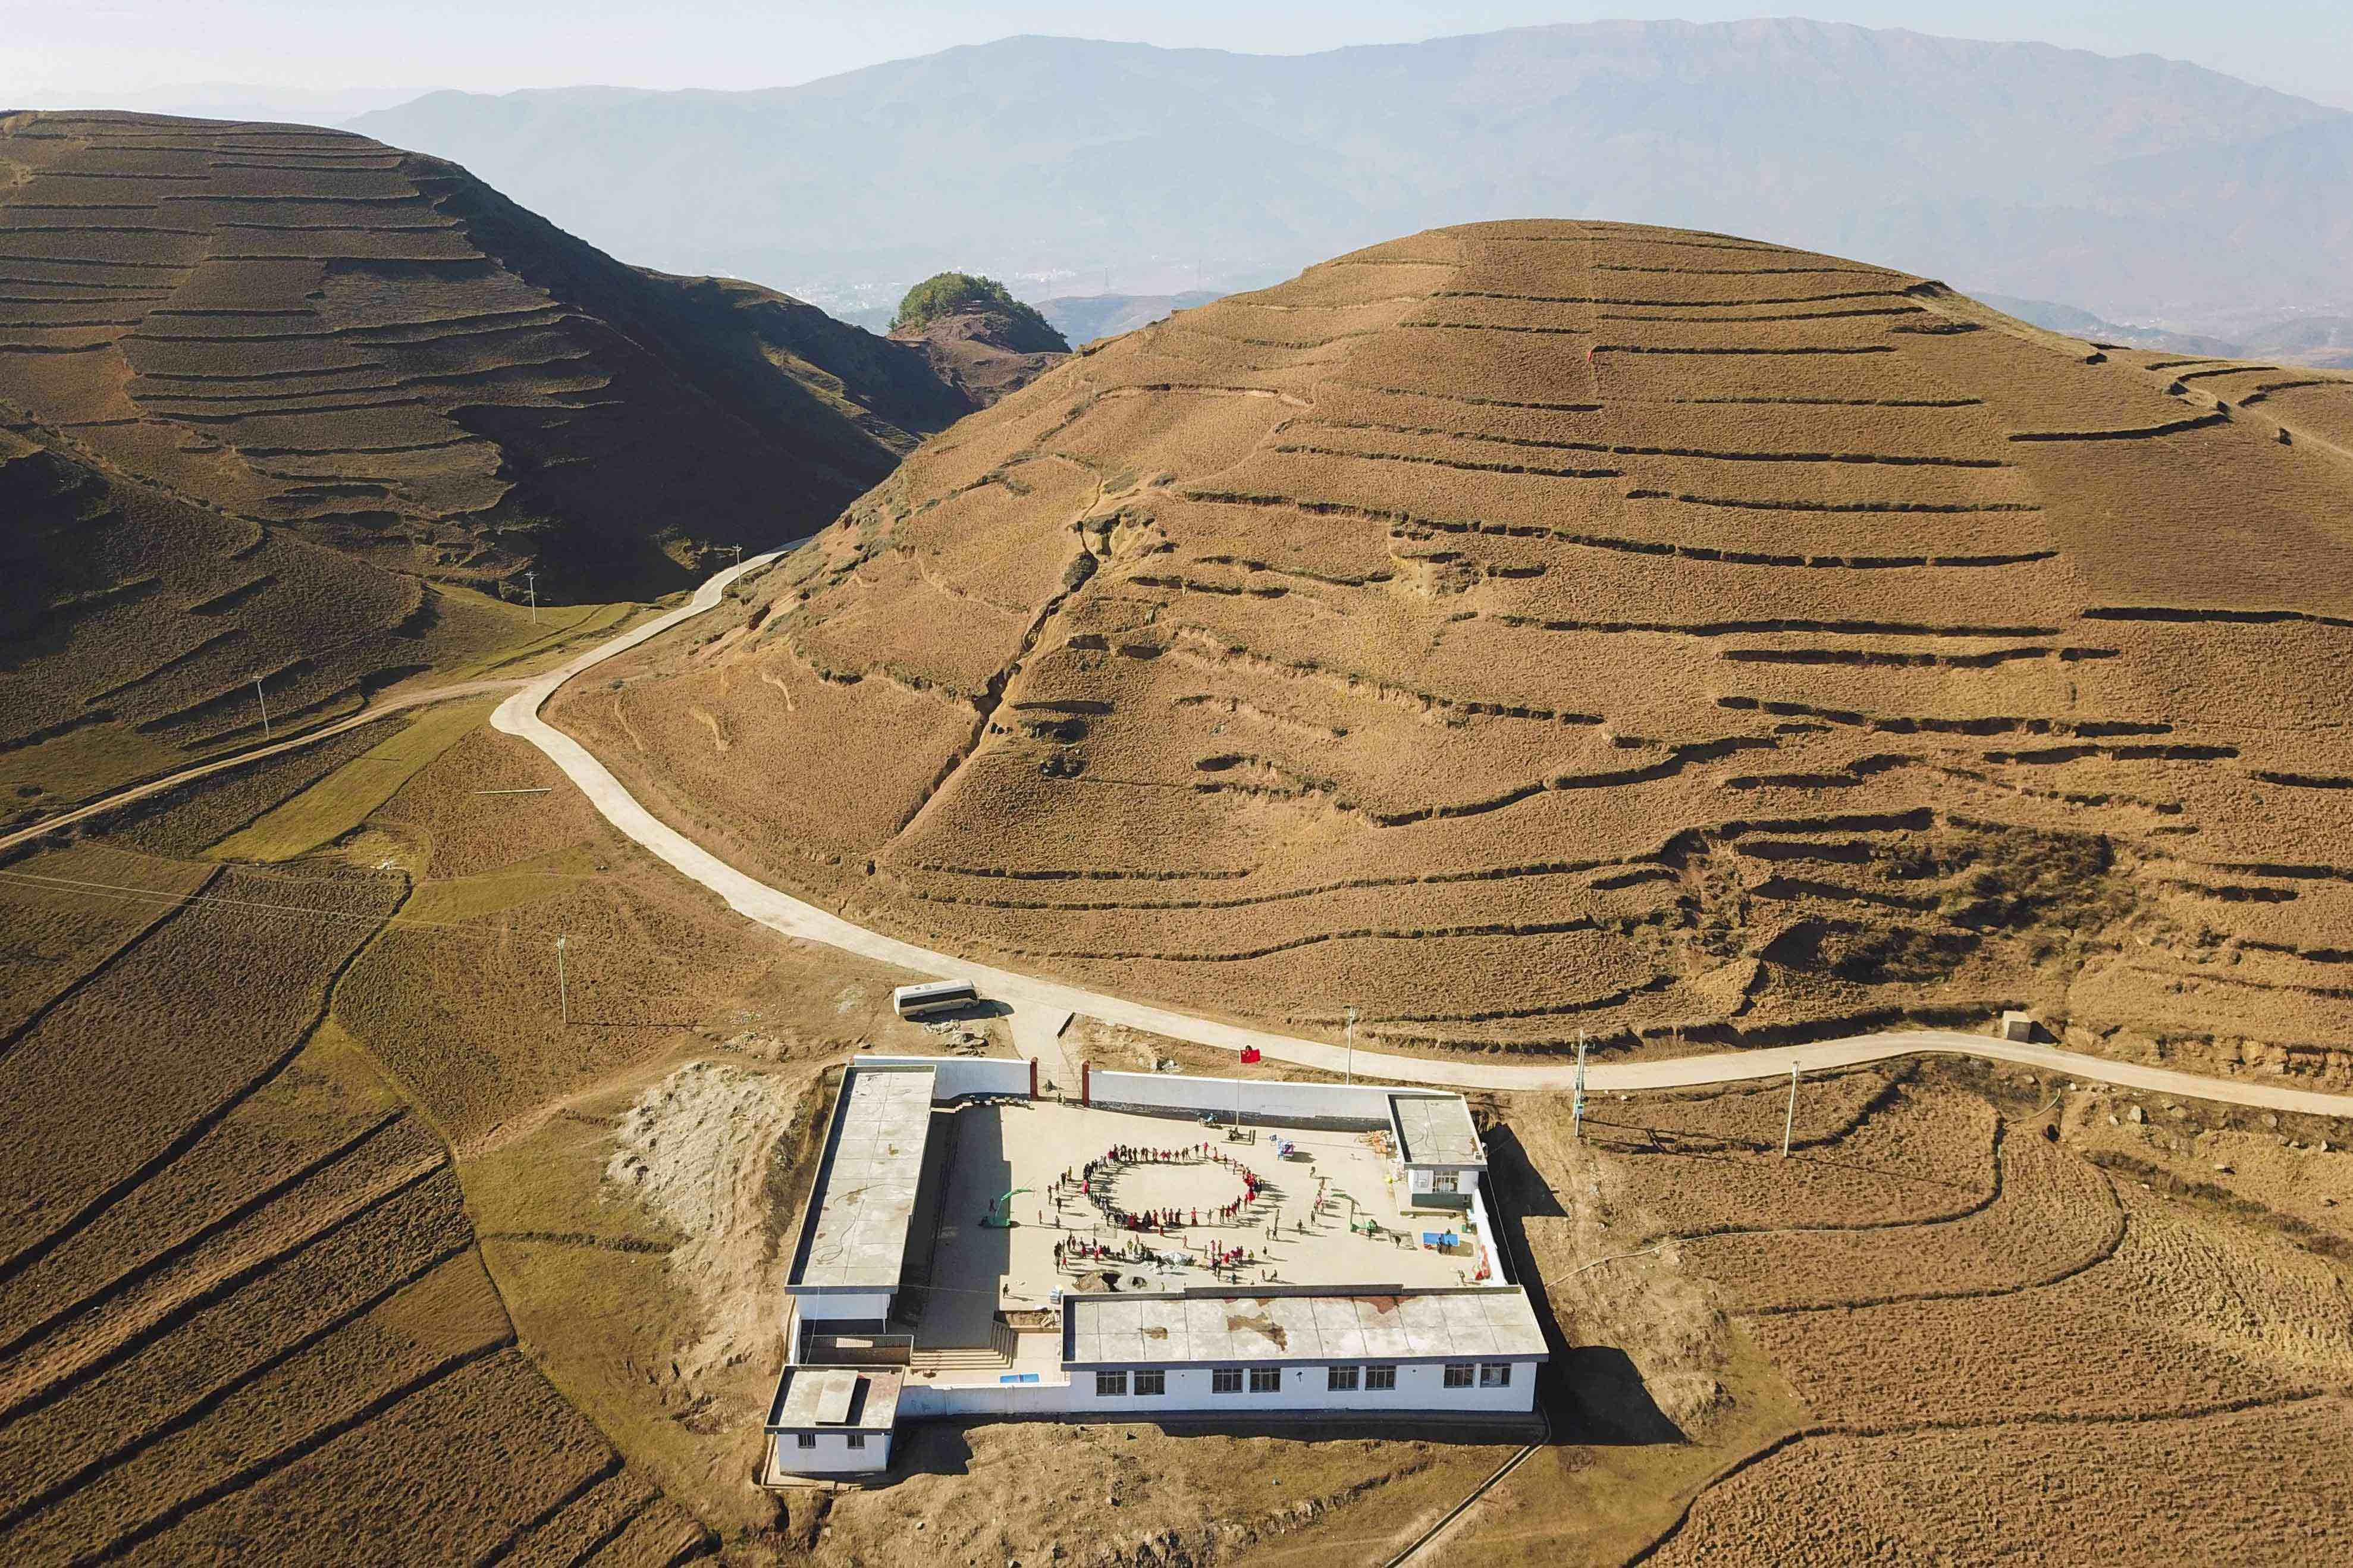 2017年12月31日,四川昭觉,被群山环绕的瓦吾教学点,这是去年9月刚刚搬进了新教室。